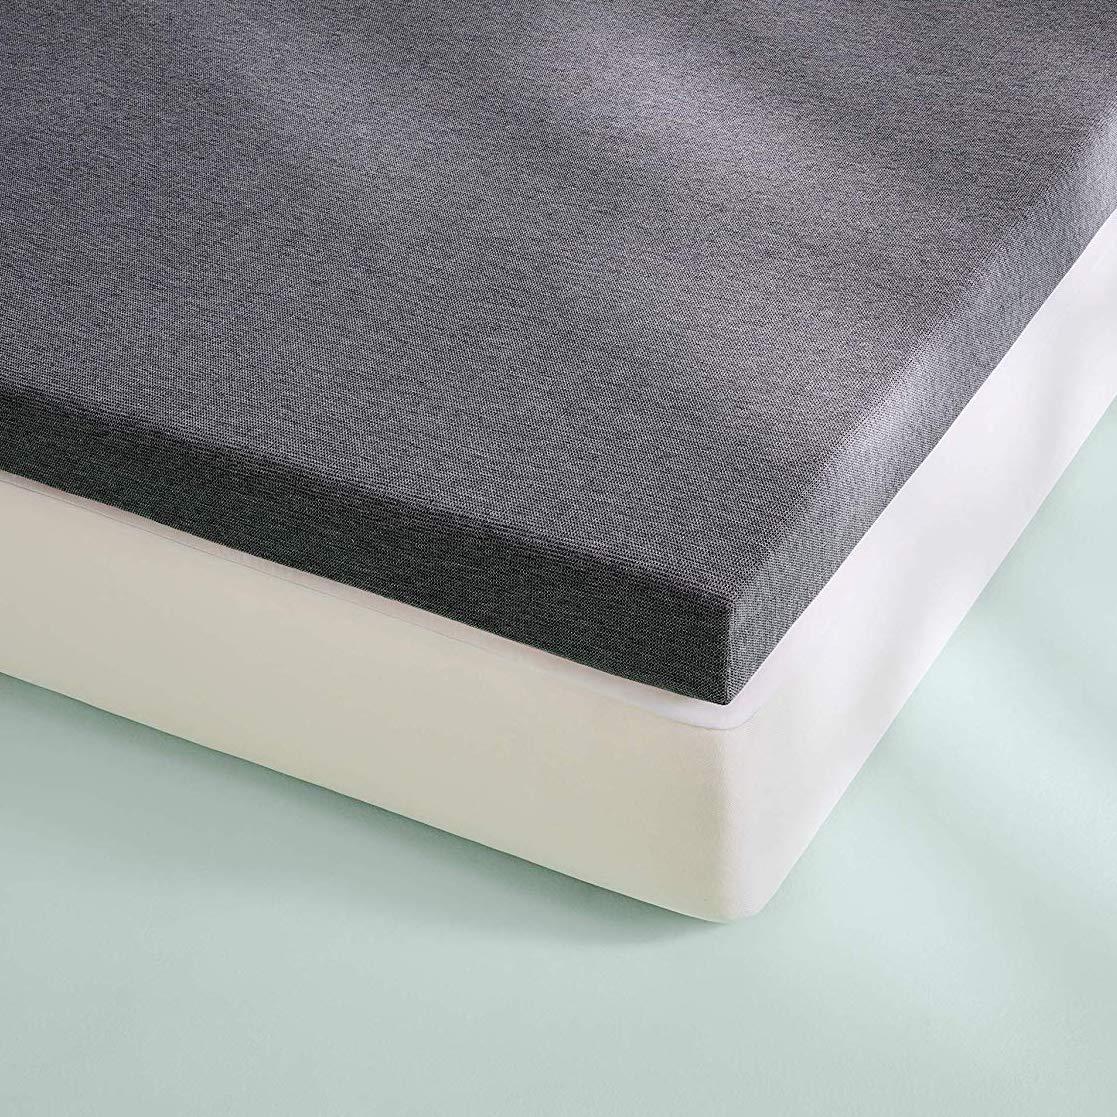 Casper Sleep Foam Mattress Topper, Queen